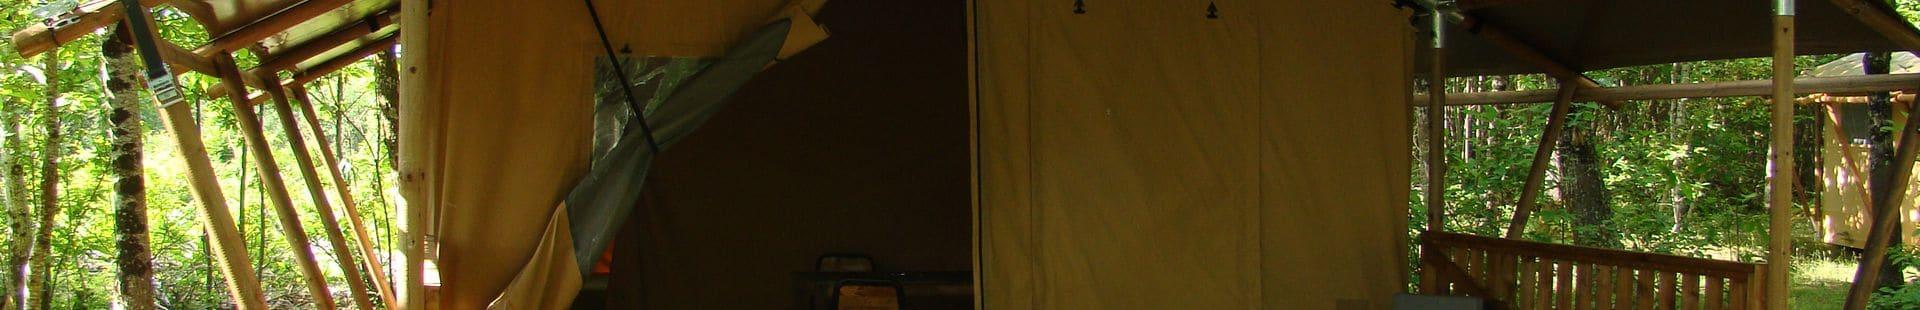 Camping Le Rêve - Nos tentes lodges